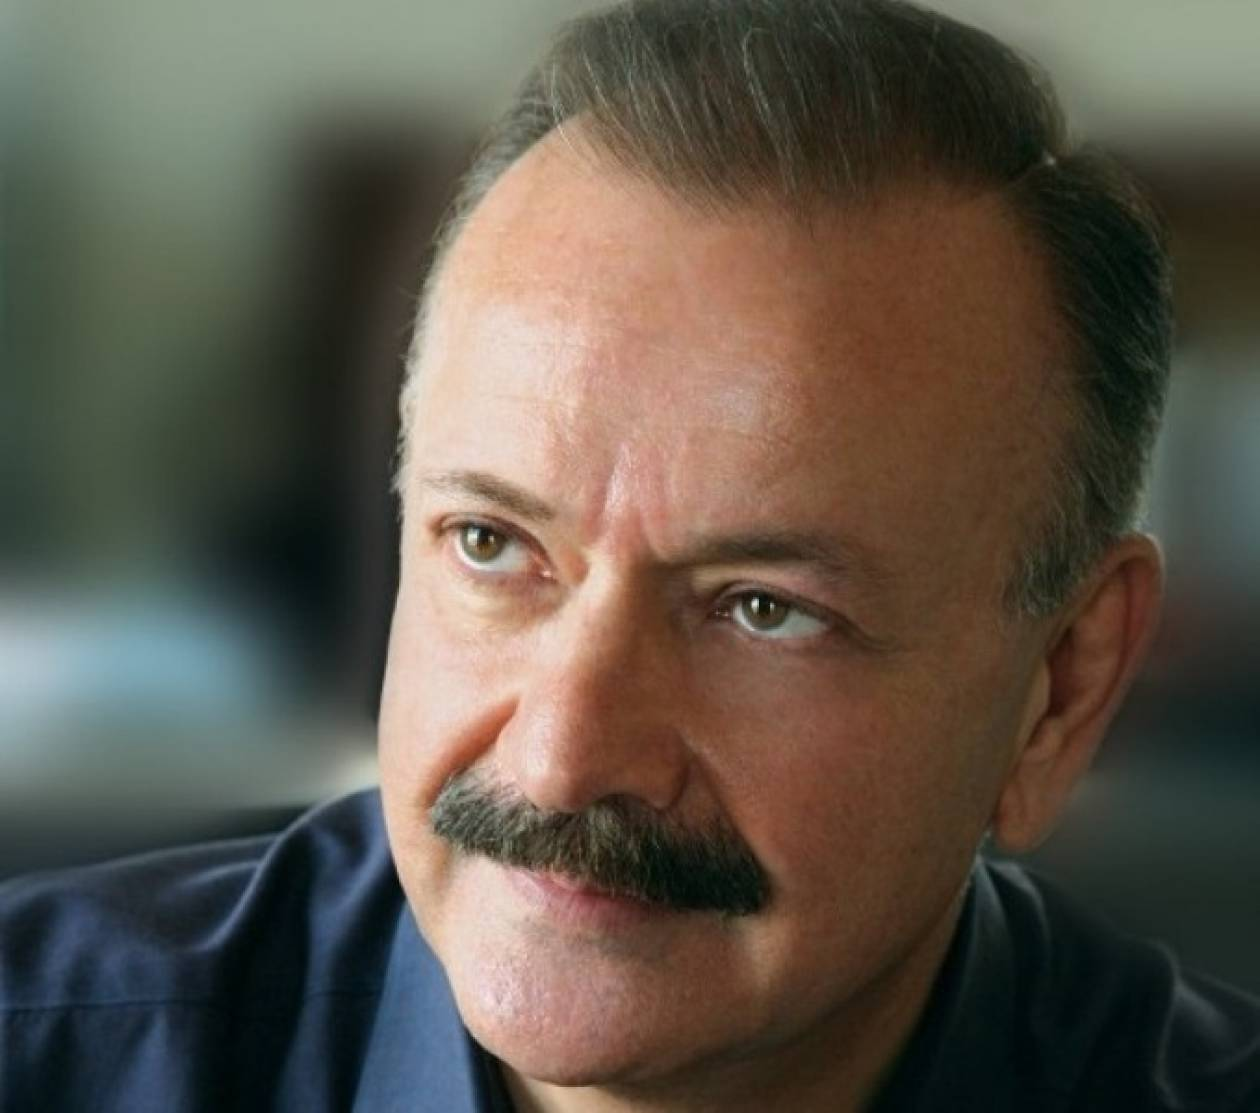 Σταμάτης: Ο Σαμαράς έχει ήδη υπογράψει τις δεσμεύσεις